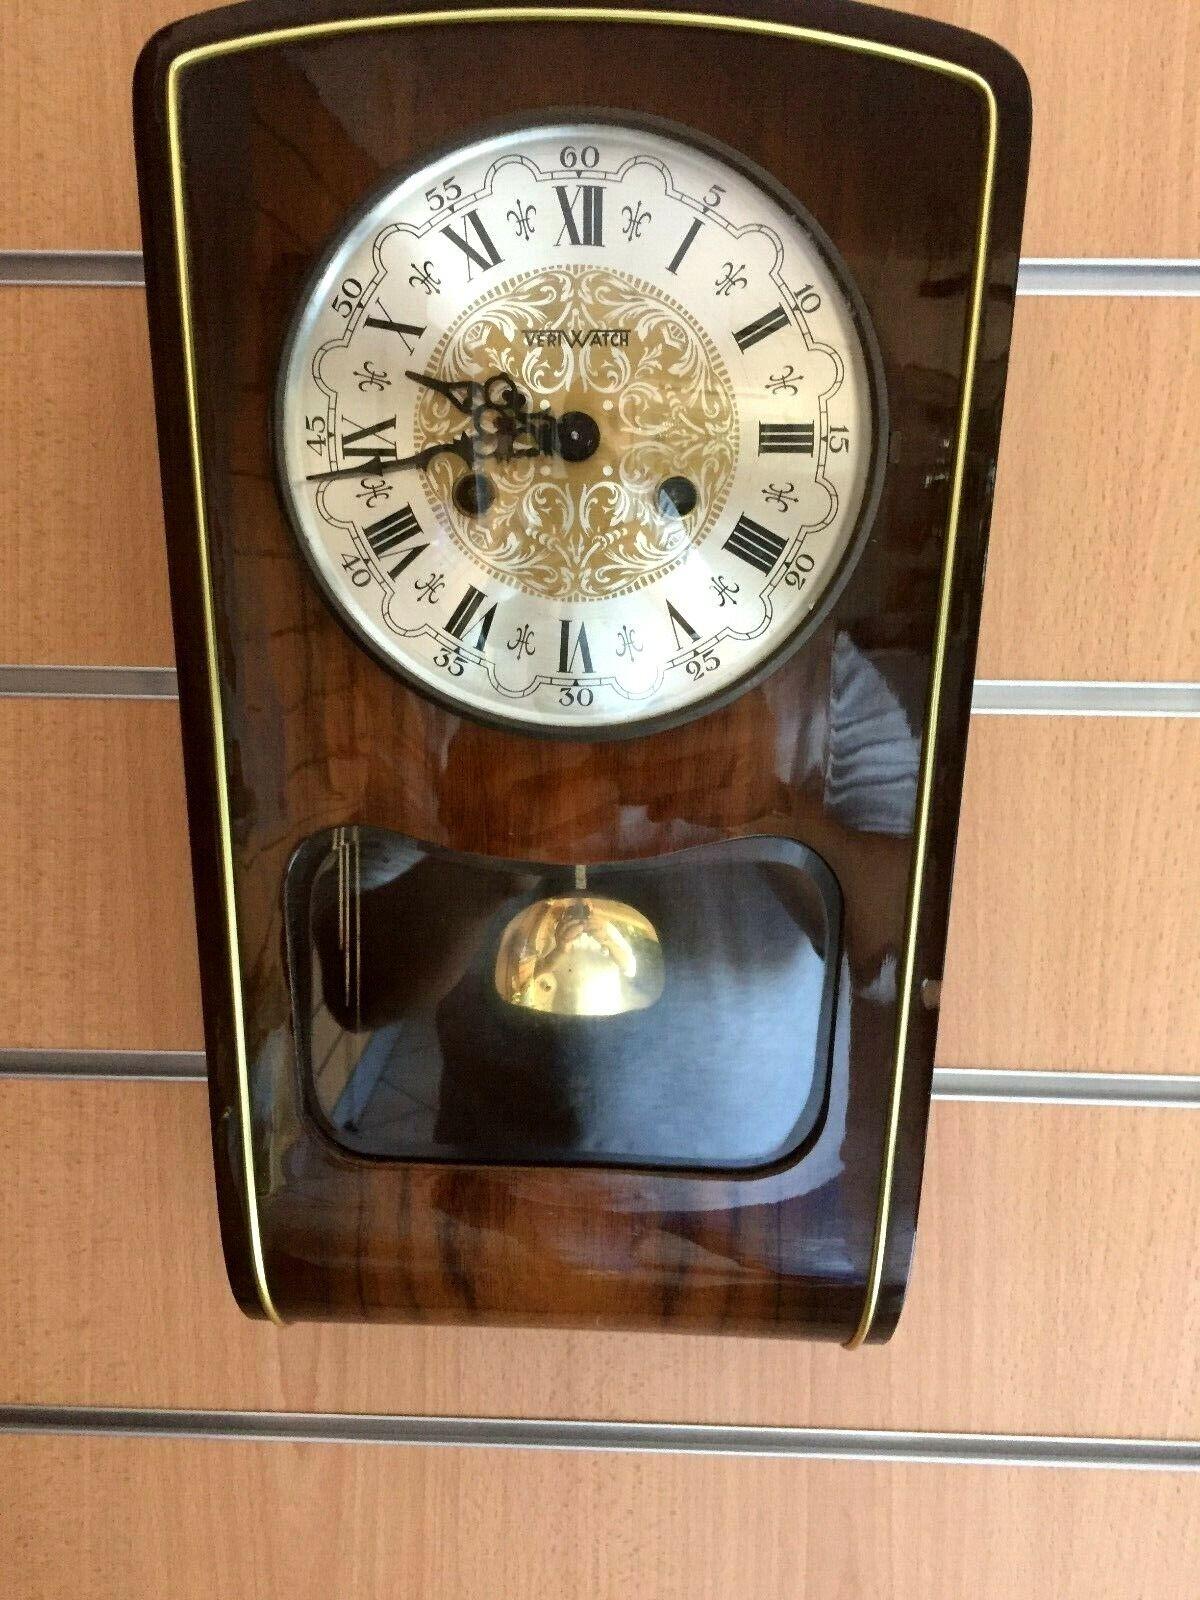 Orologio pendola Annunci Lombardia Kijiji: Annunci di eBay